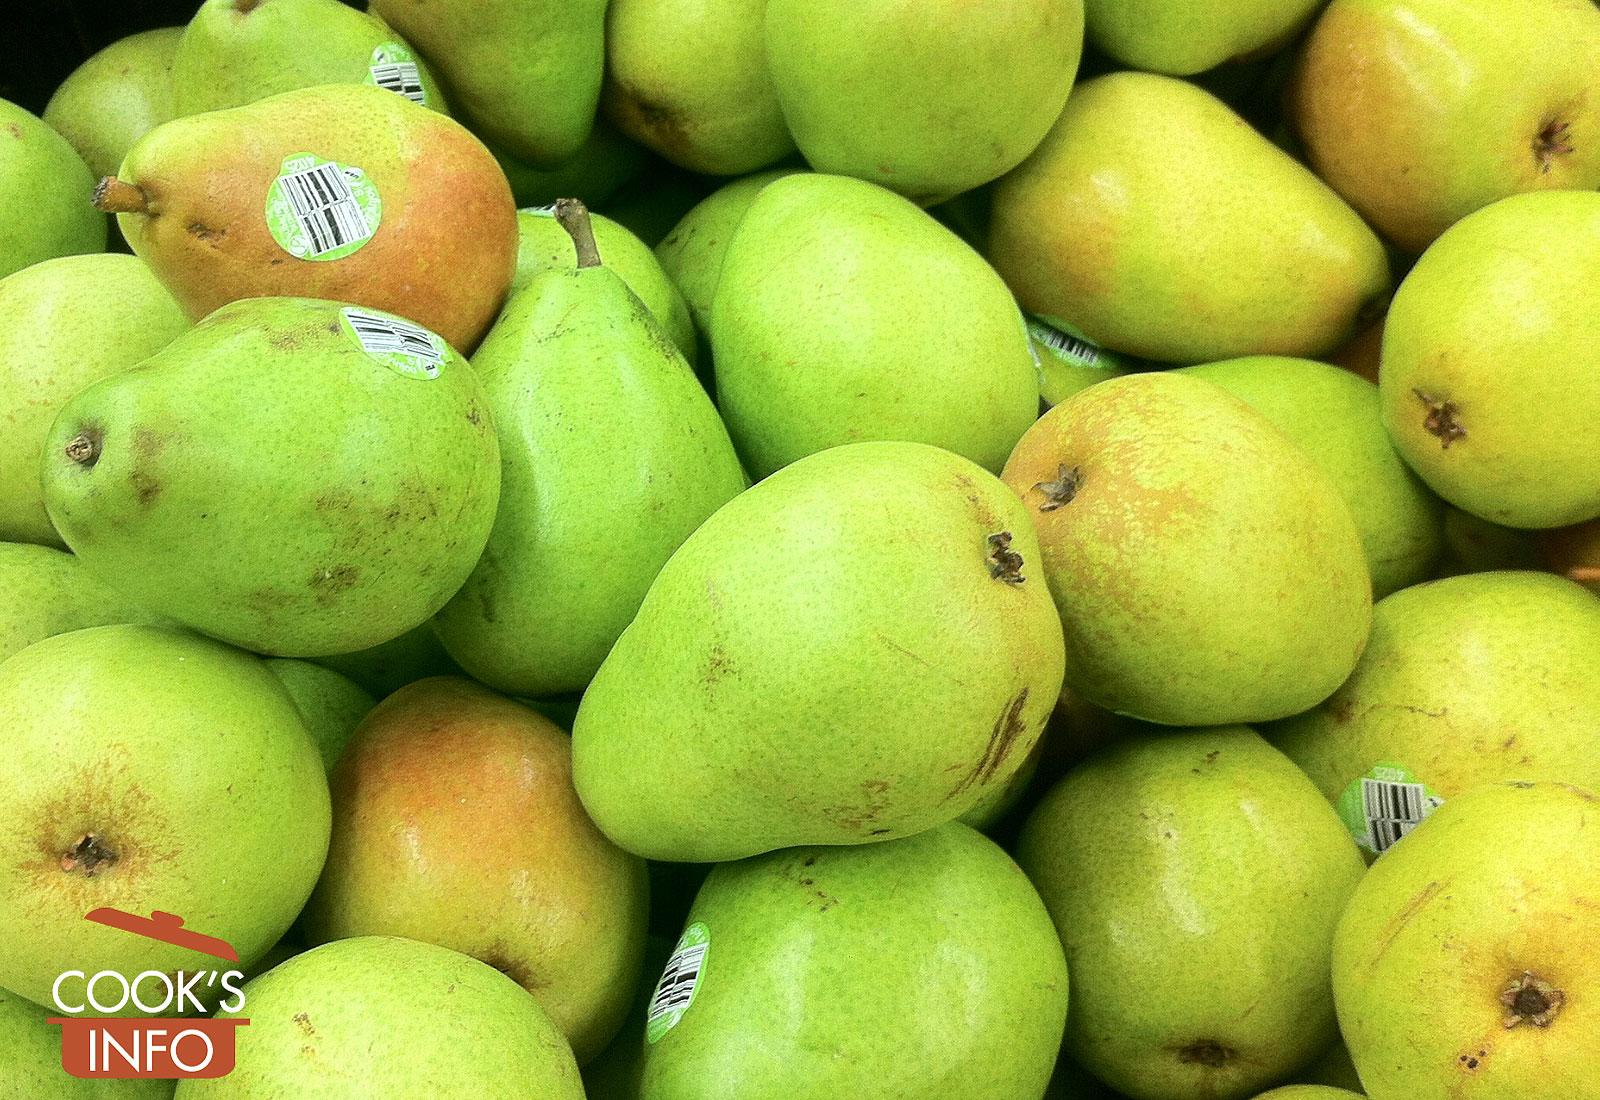 D'anjou pears in store bin